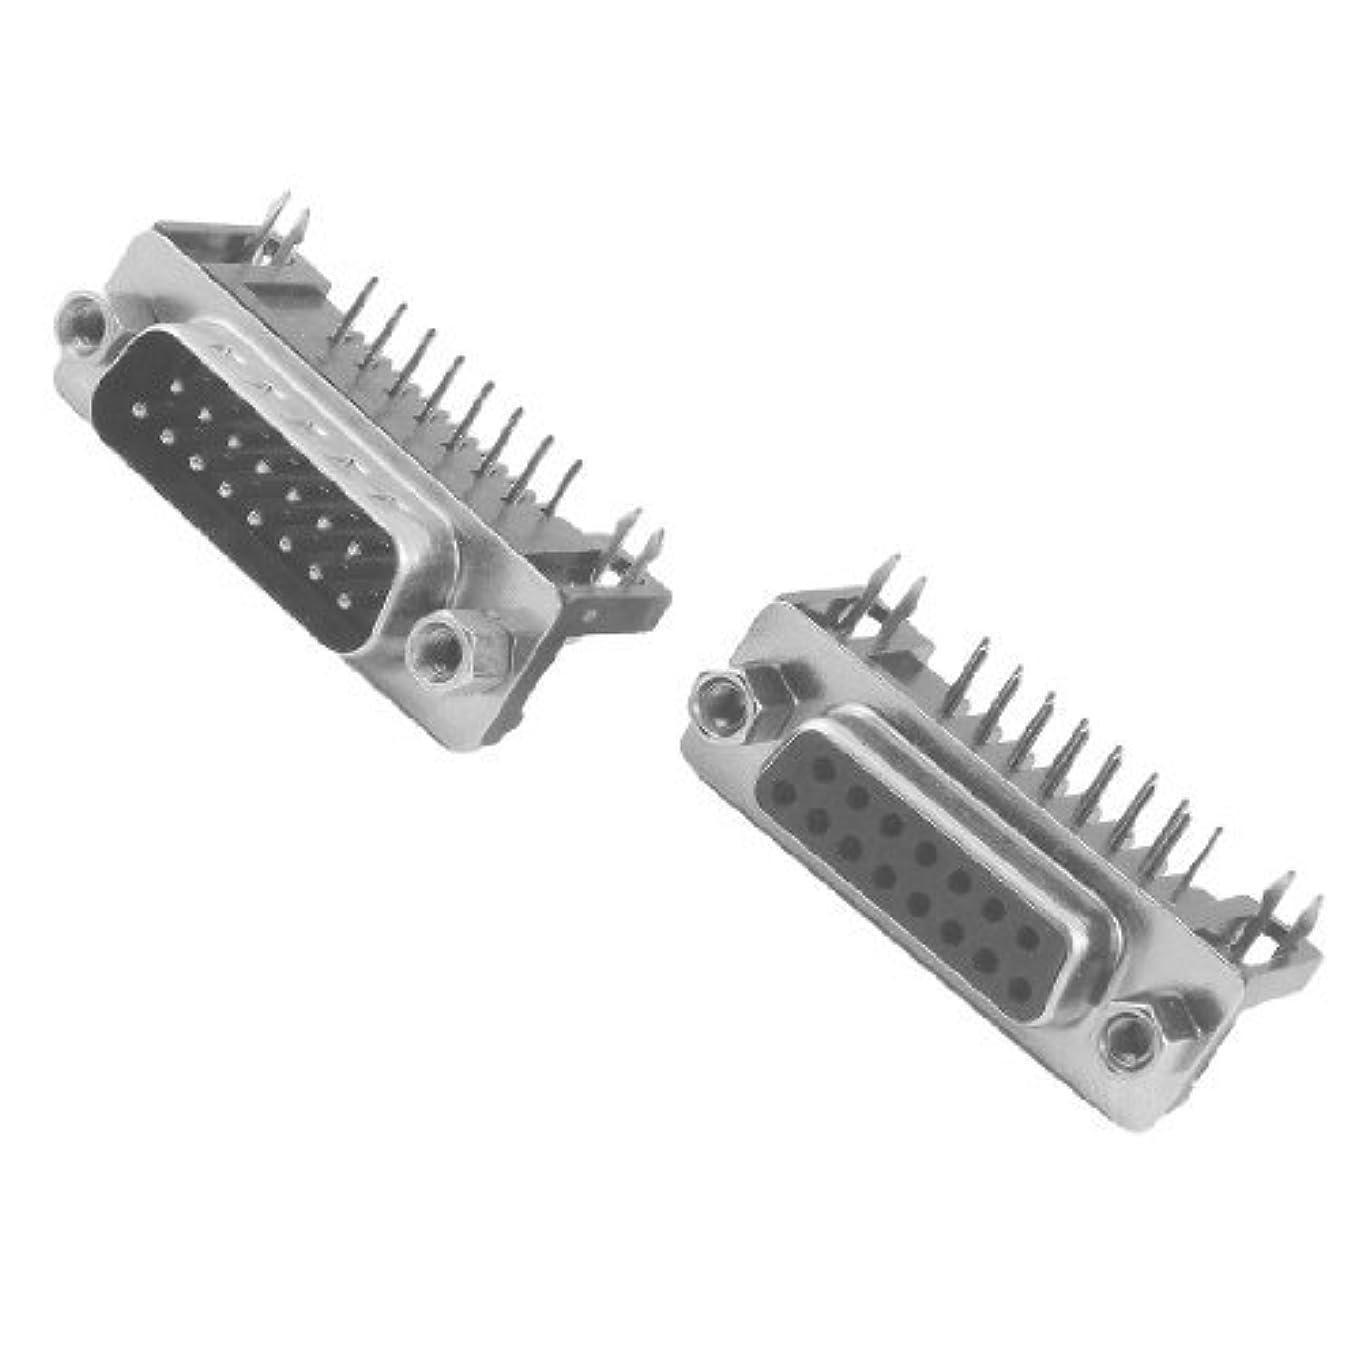 無数の入札帽子DealMux DB15 15ピンオス+メスライトアングルD-SUB PCB実装コネクタ2個